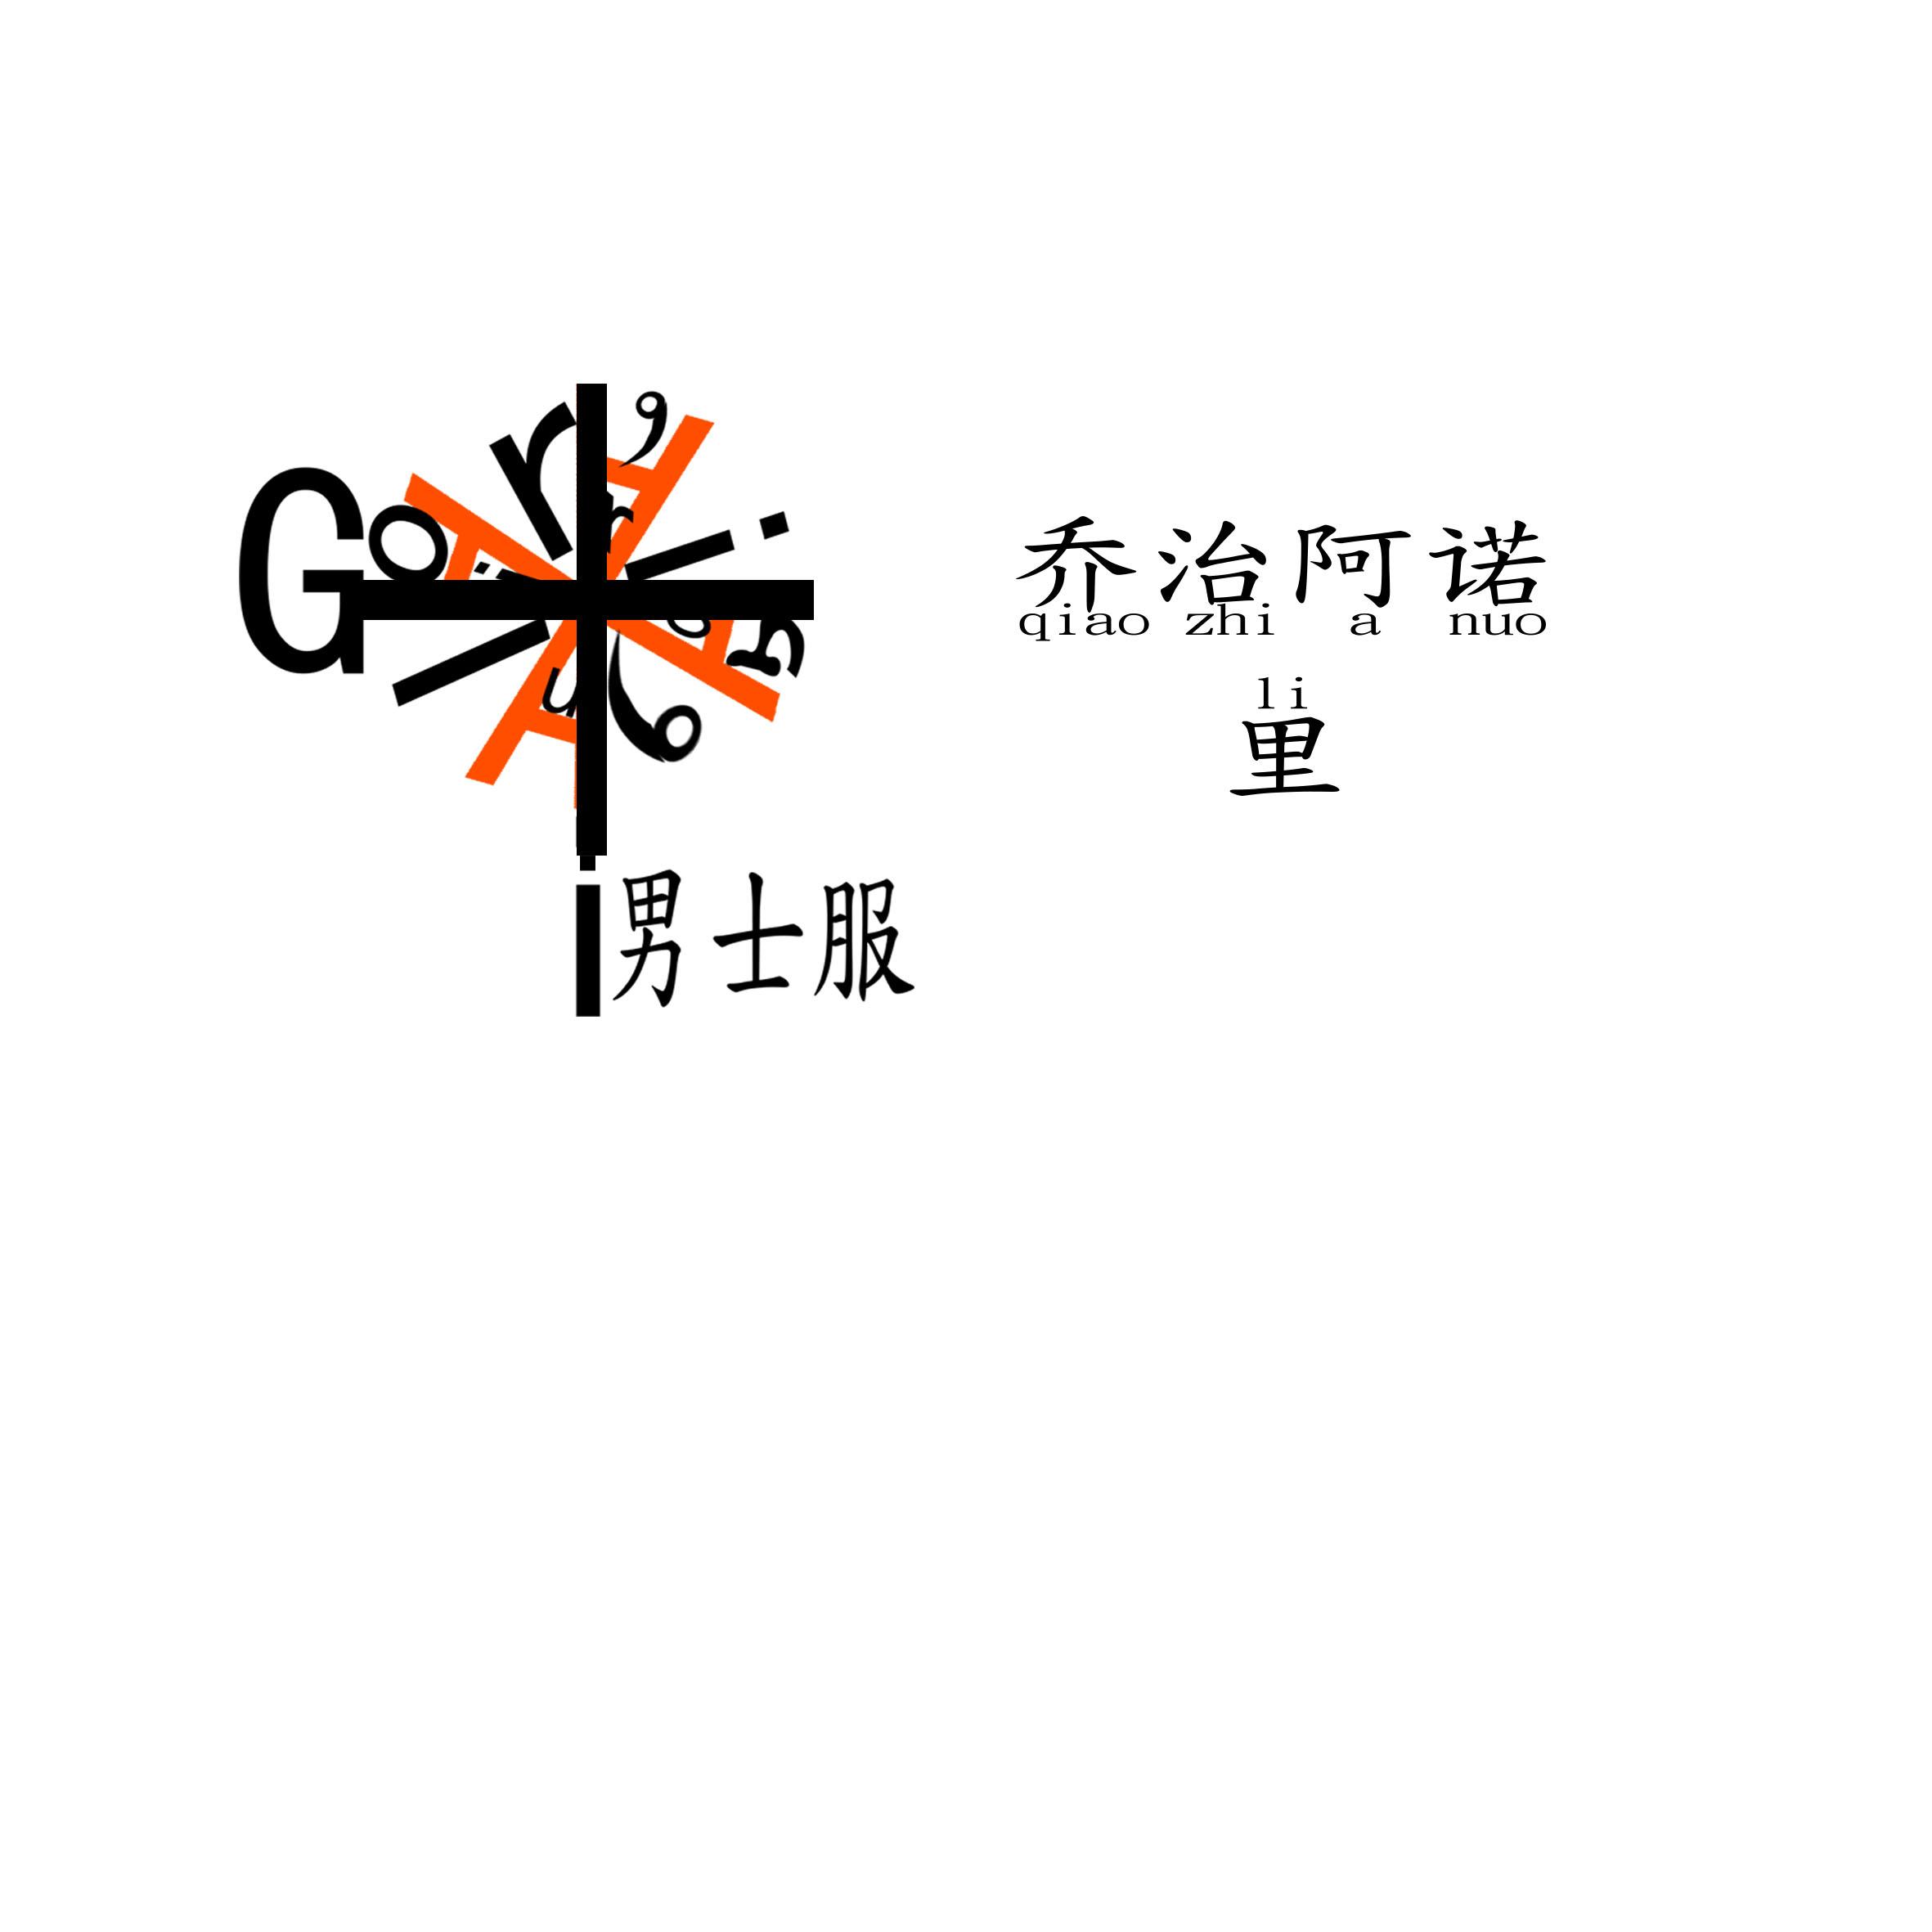 稳第心平面设计工作室稿件_服装品牌logo的深化设计